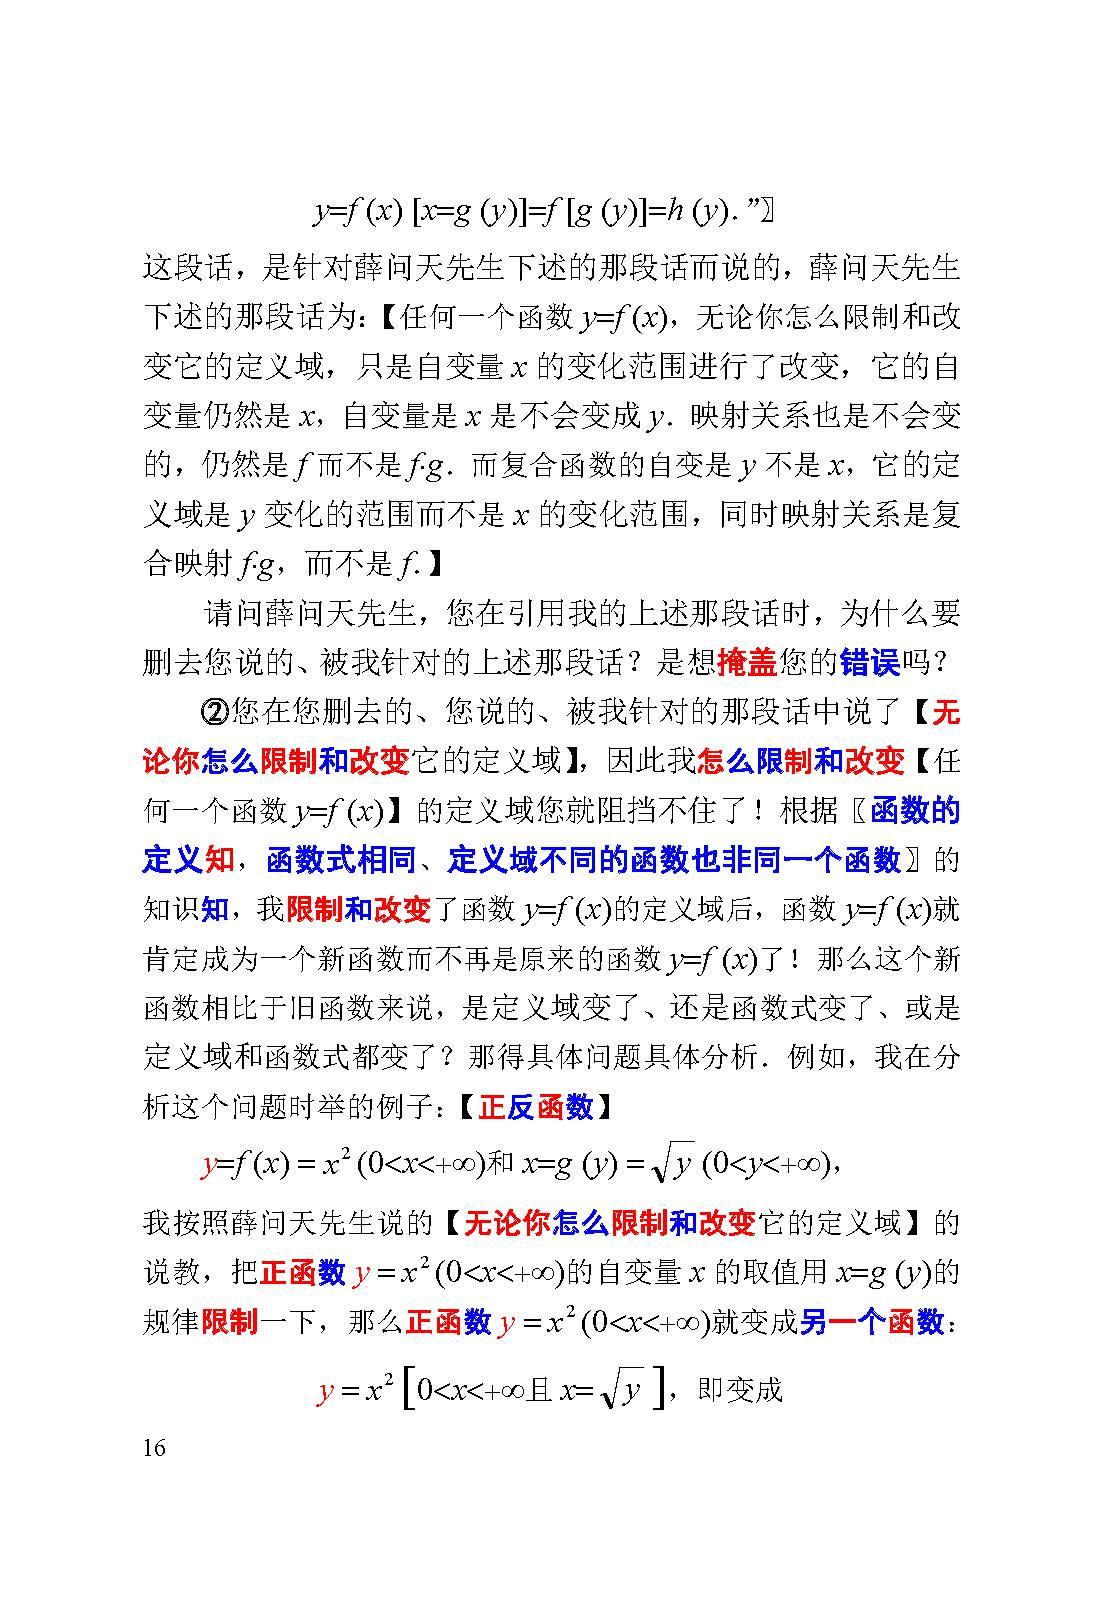 评薛问天先生的文章0408_页面_16.jpg